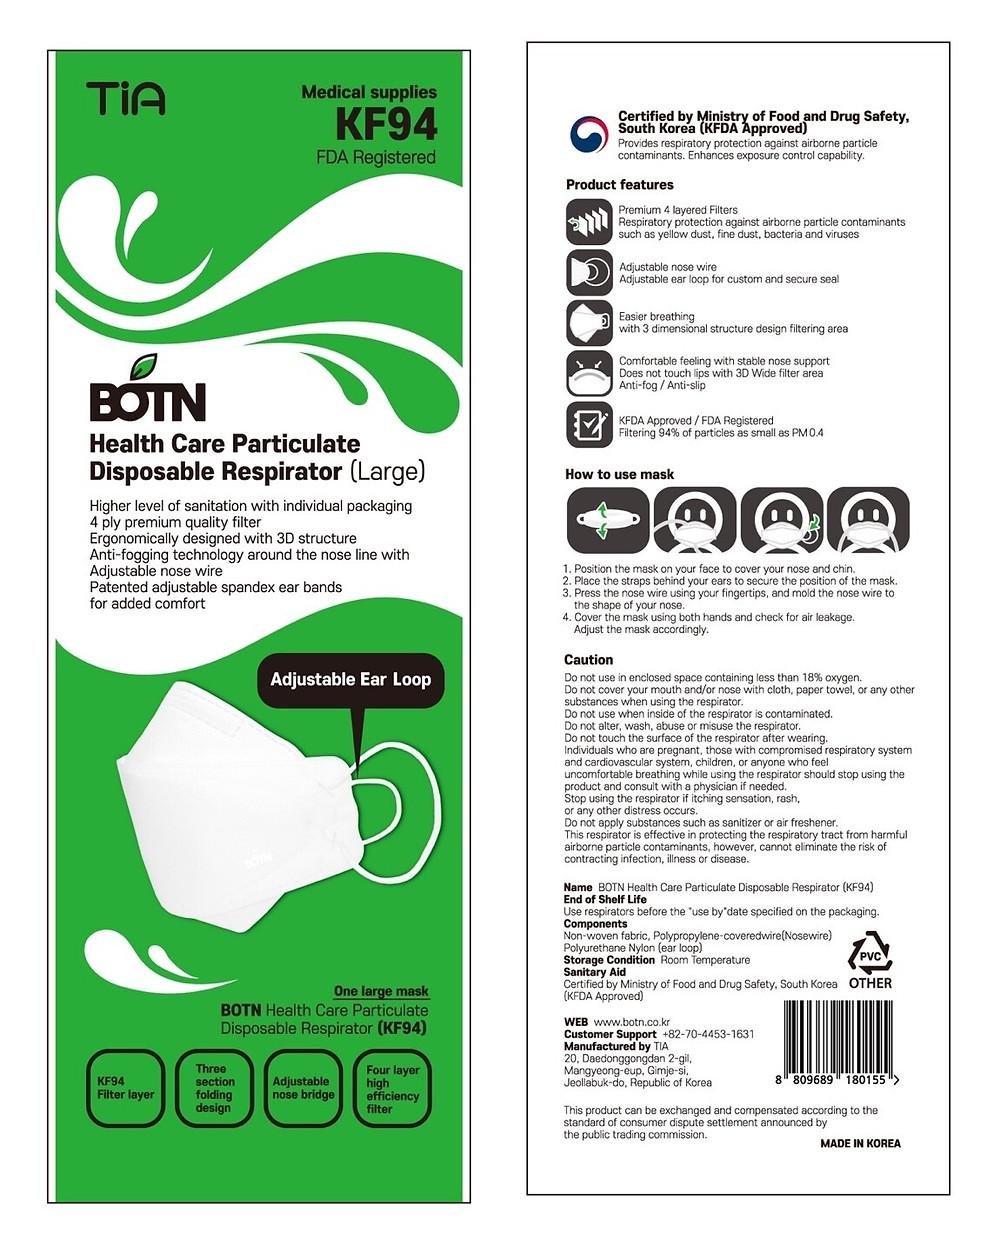 1/4x 韓國原裝 KF94/N95 四層防護 可調節鬆緊 防病毒醫用口罩 (獨立包裝)